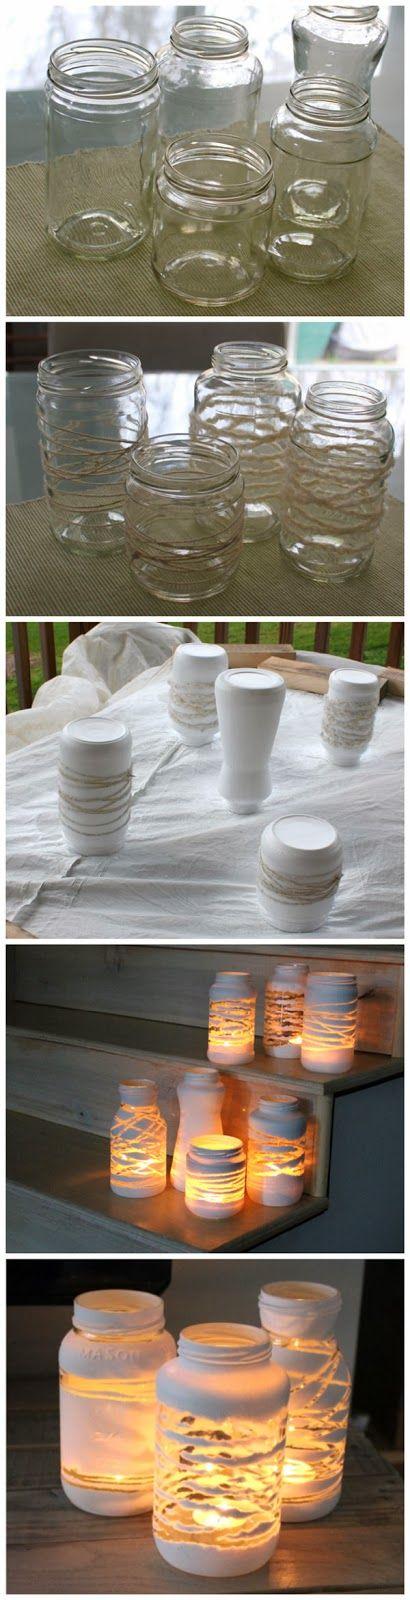 joybobo: yarn wrapped painted jars